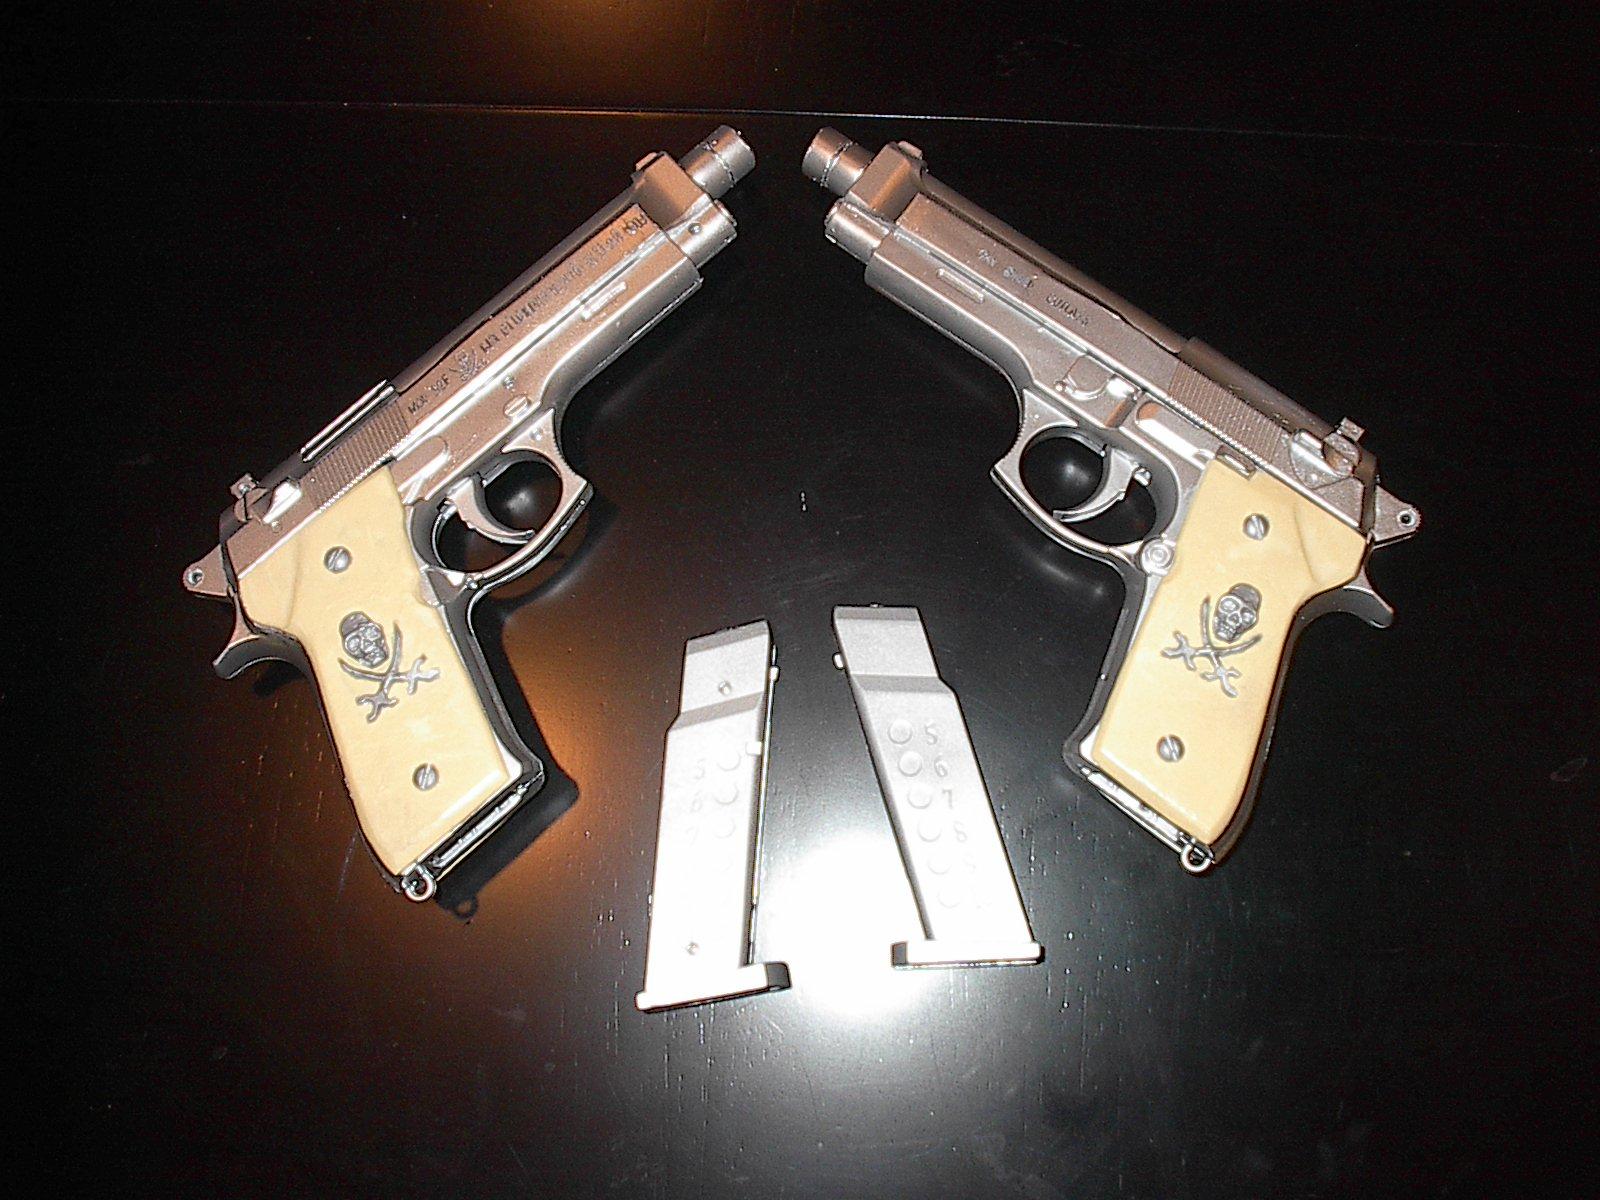 92fs grips - Semi-Auto Handguns